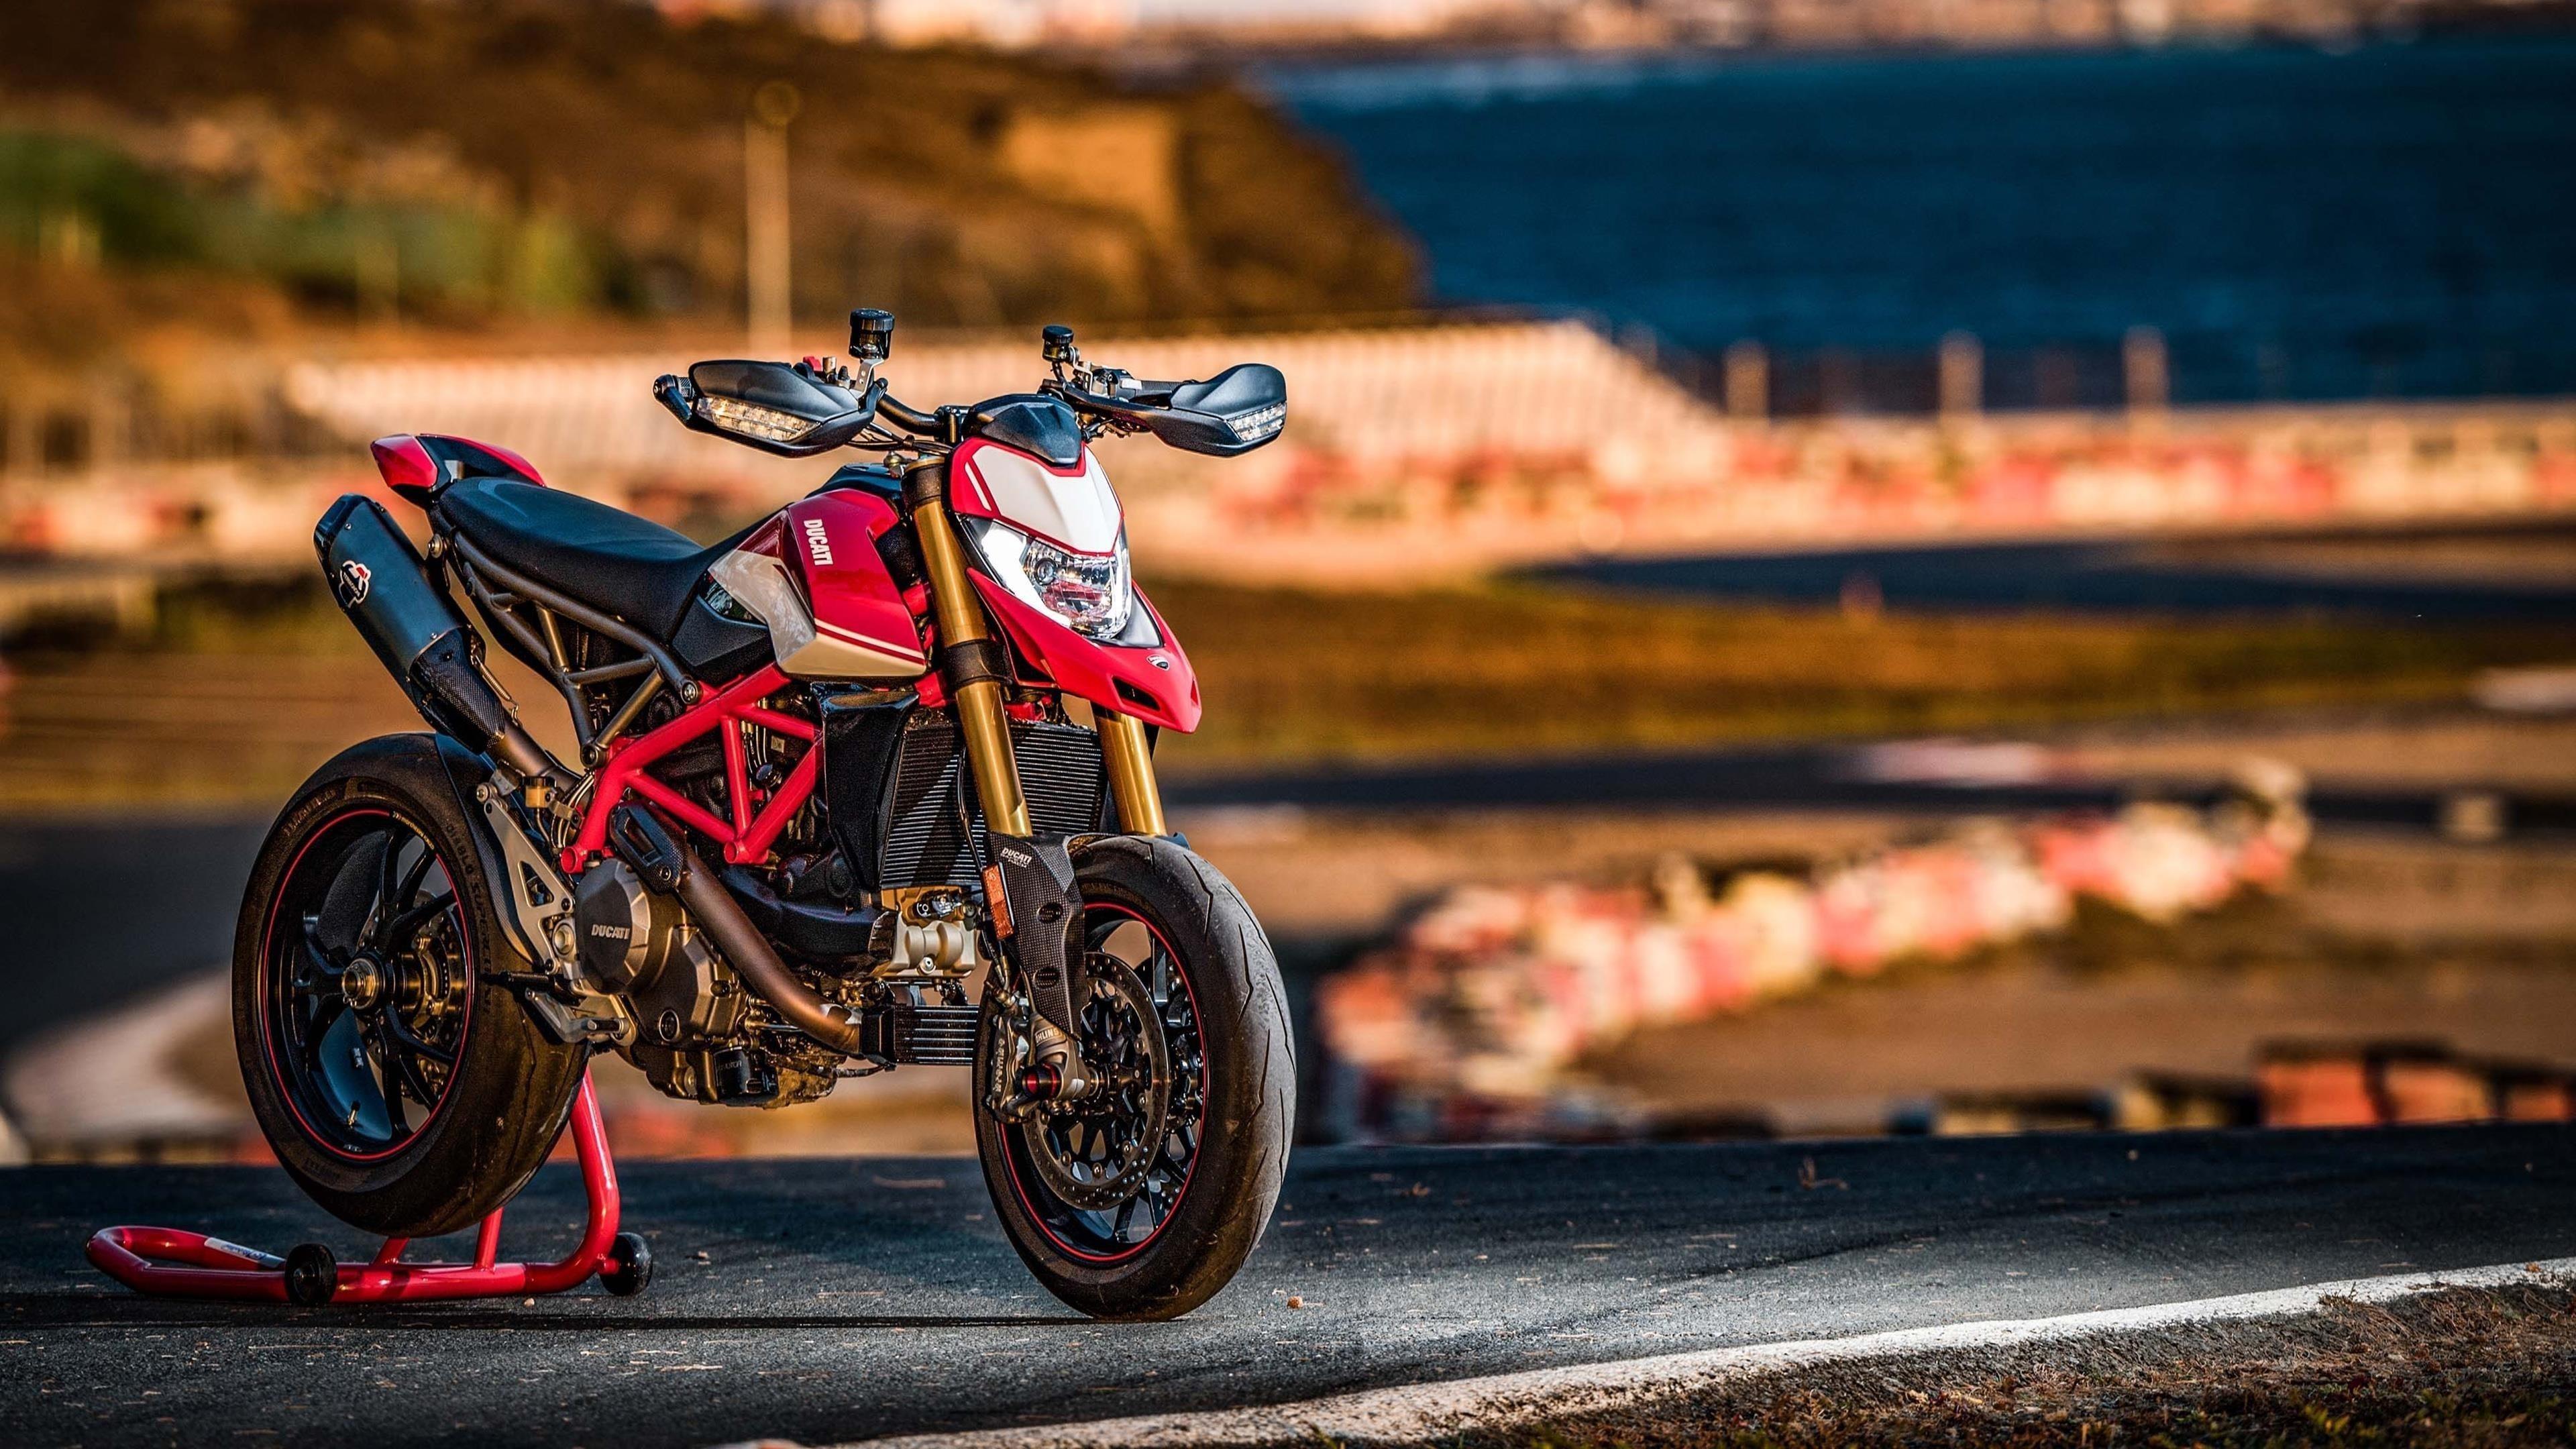 Ducati hypermotard 950 sp 2019 обои скачать